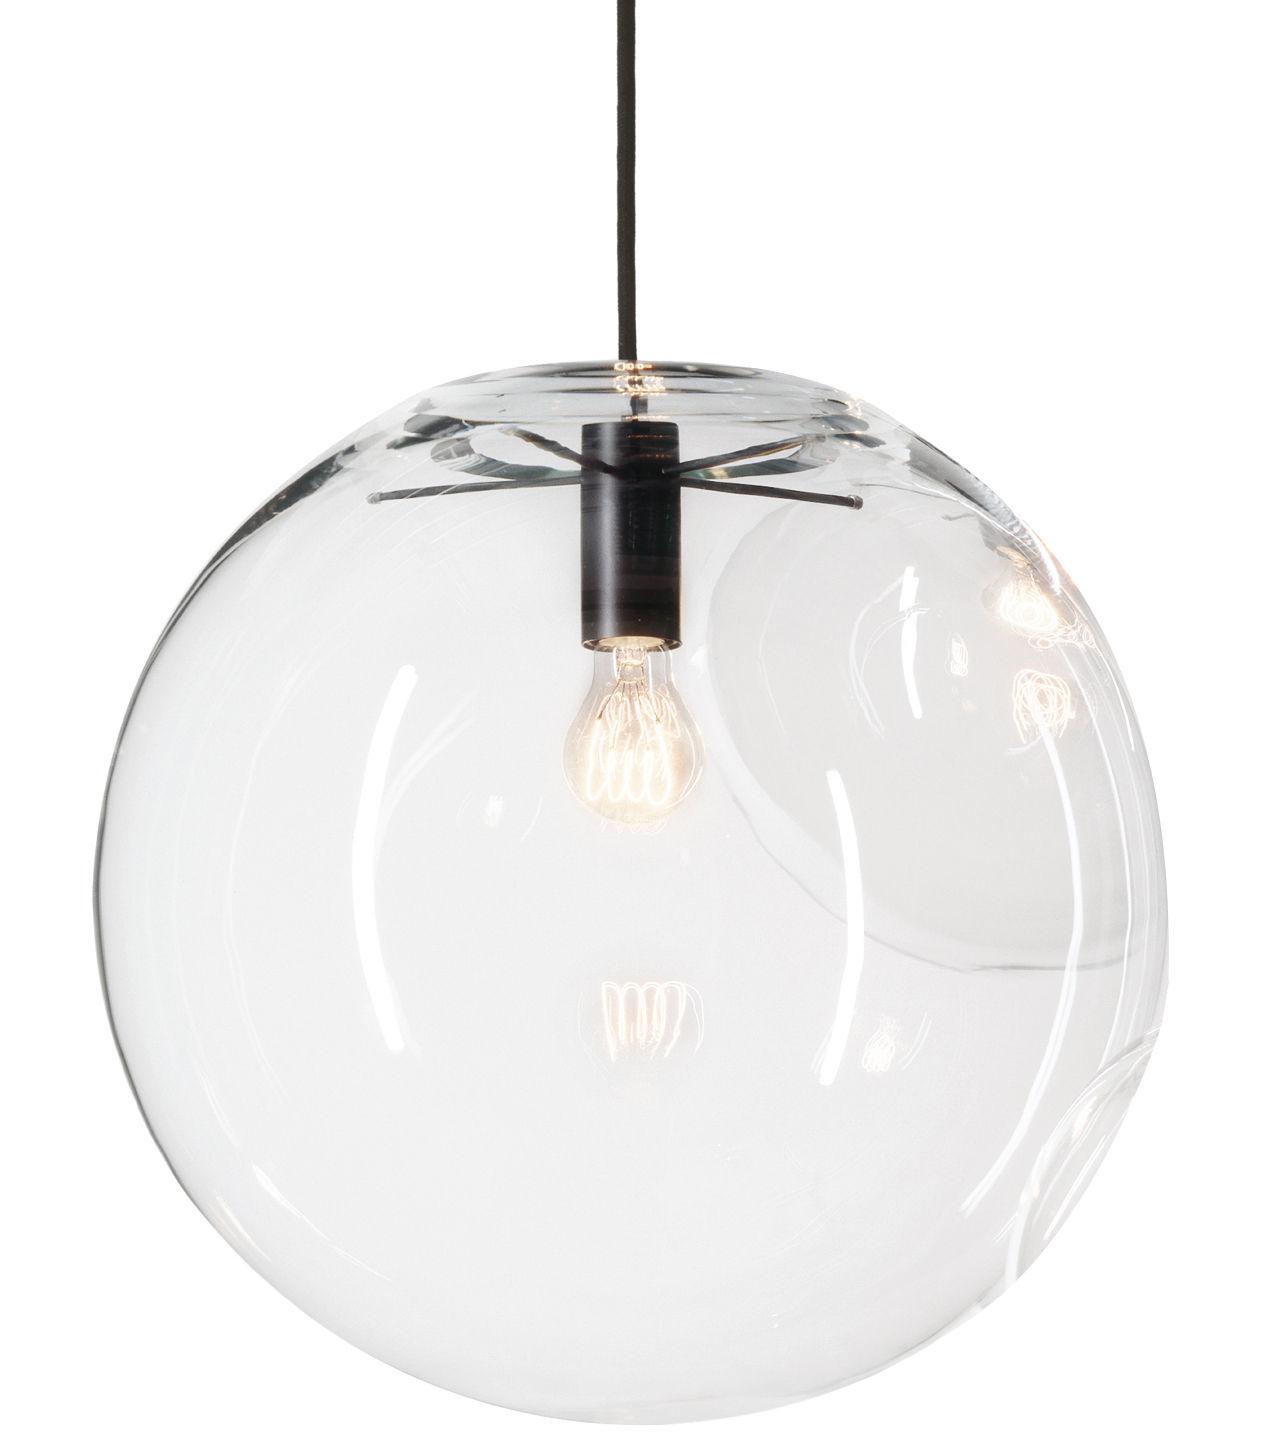 Luminaire - Suspensions - Suspension Selene / Ø 30 cm - Verre soufflé bouche - ClassiCon - Noir / Transparent - Métal laqué, Verre soufflé bouche